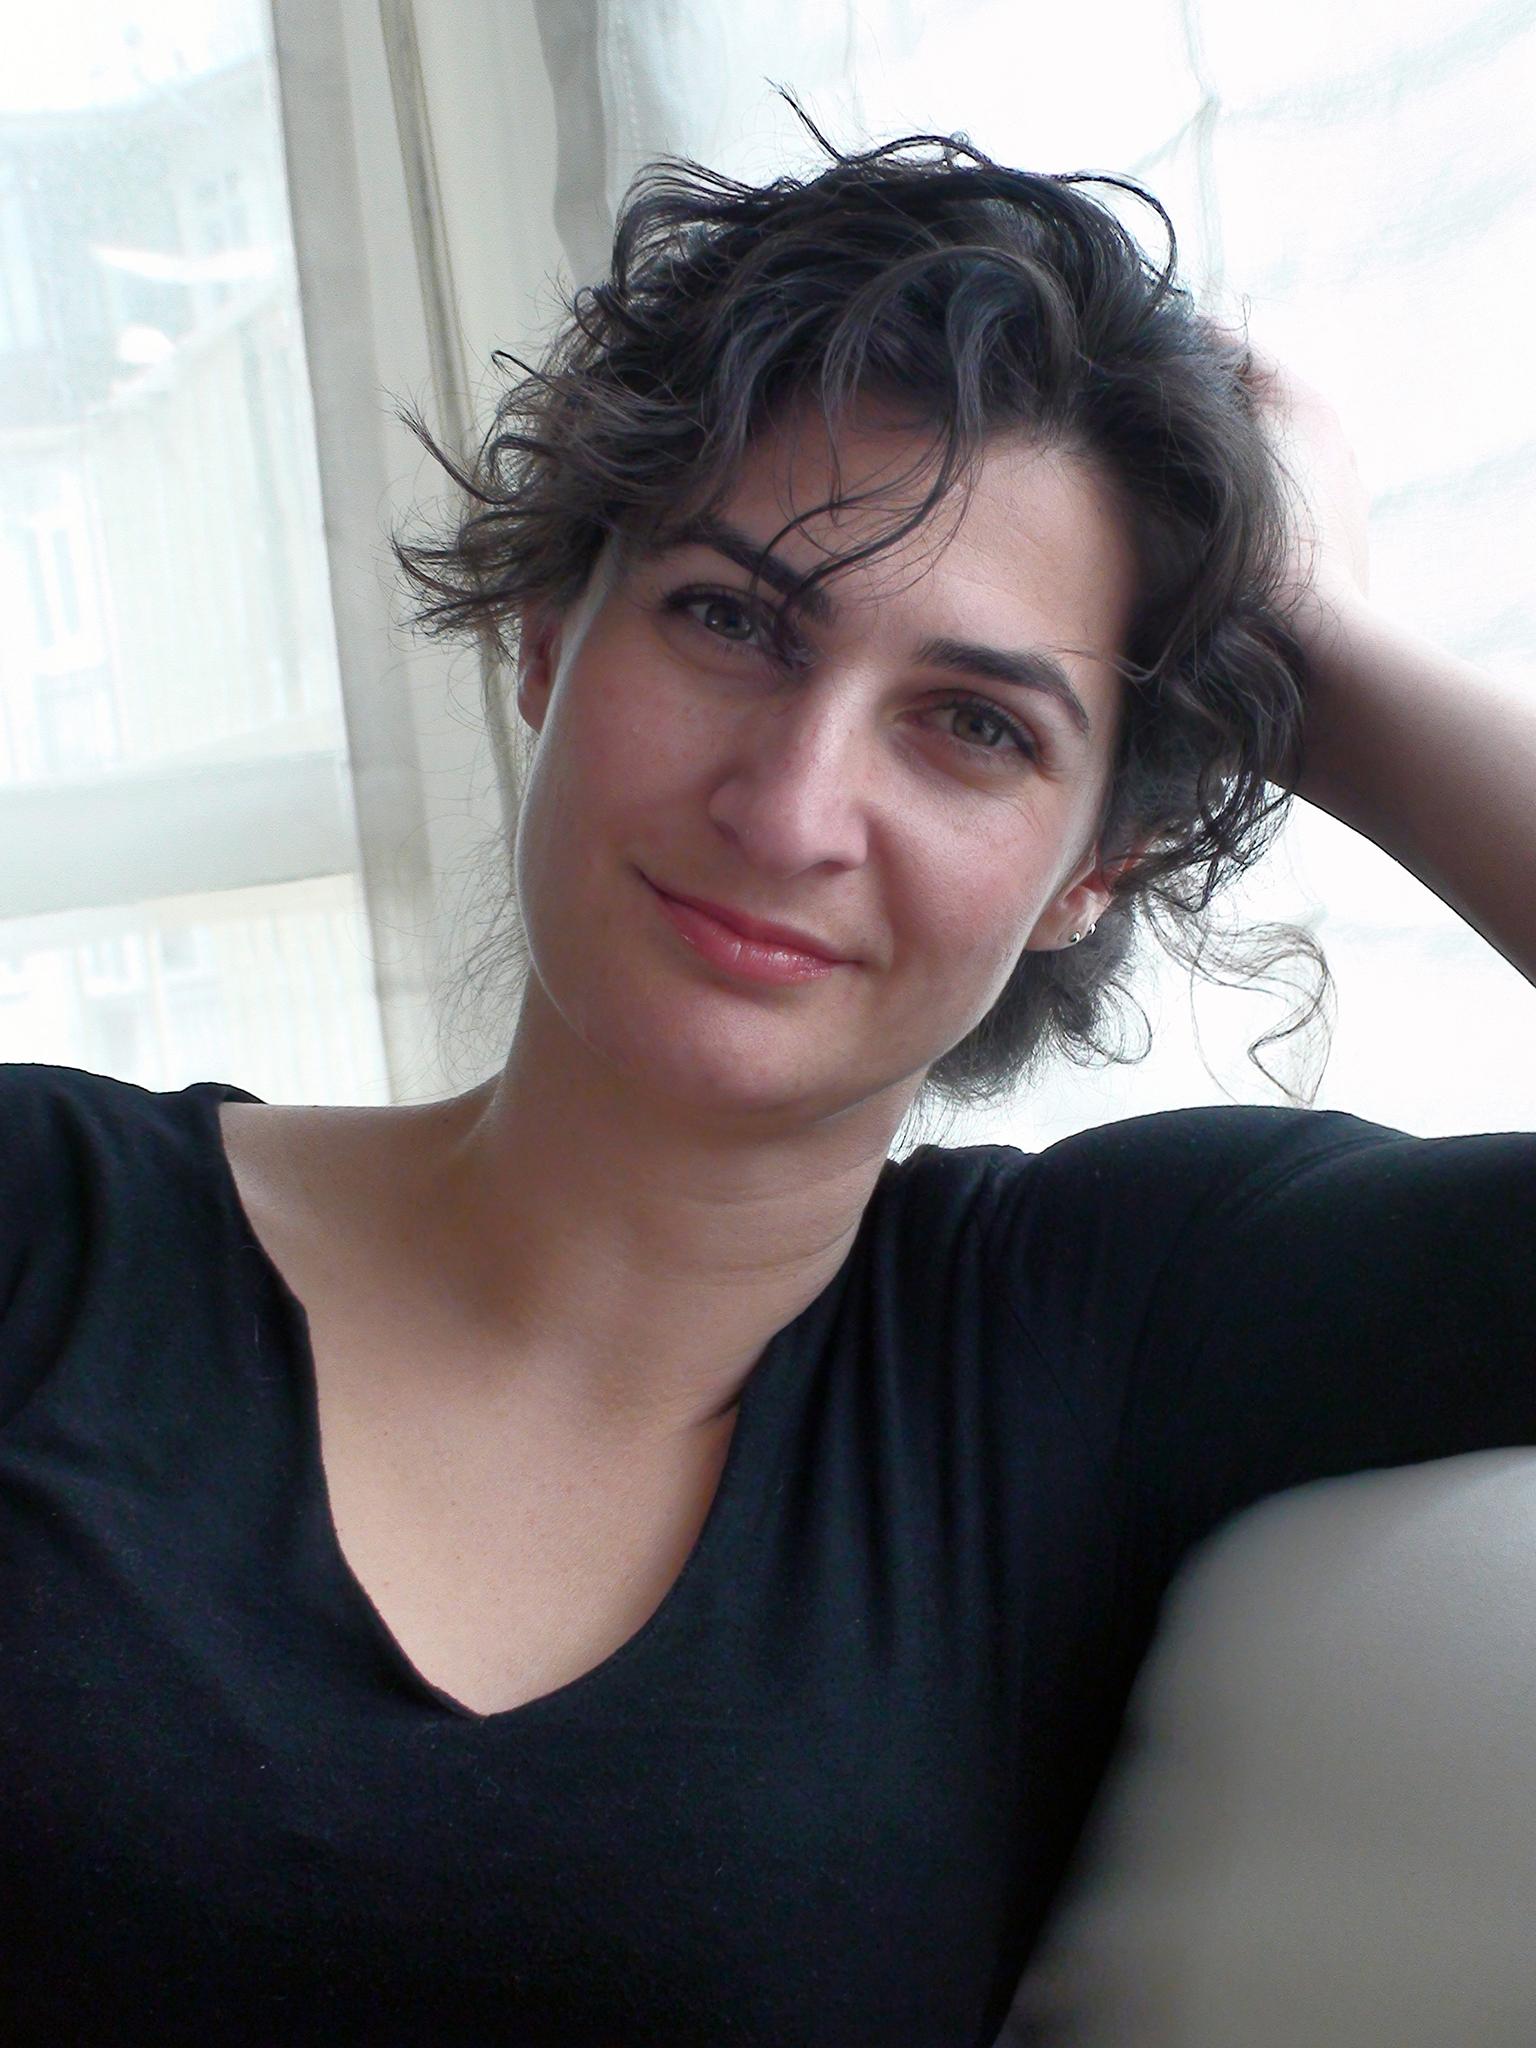 Pelin Esmer| A cineasta de Istambul